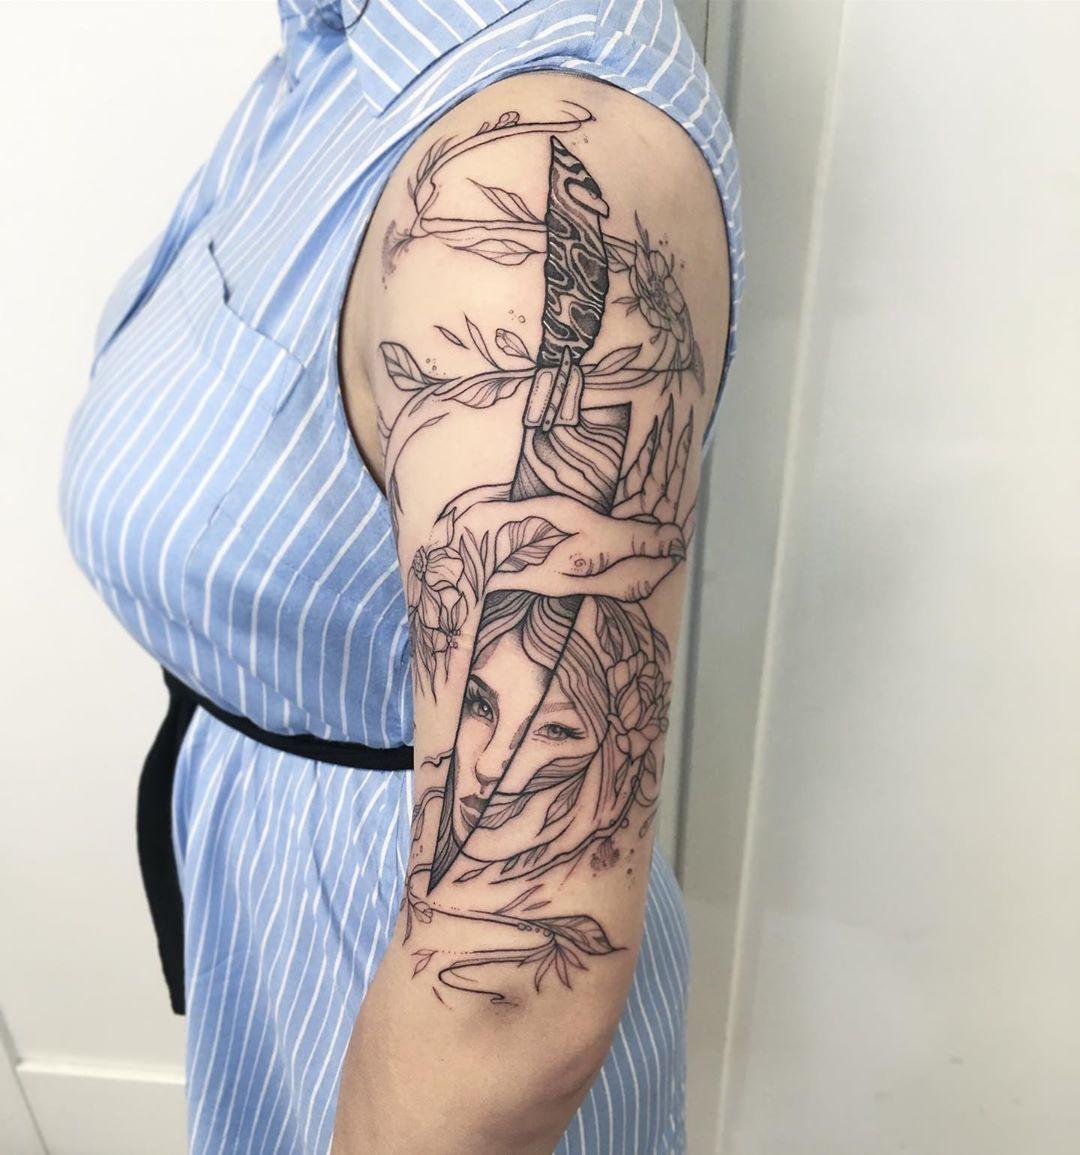 Inksearch tattoo Kasia Zagórska